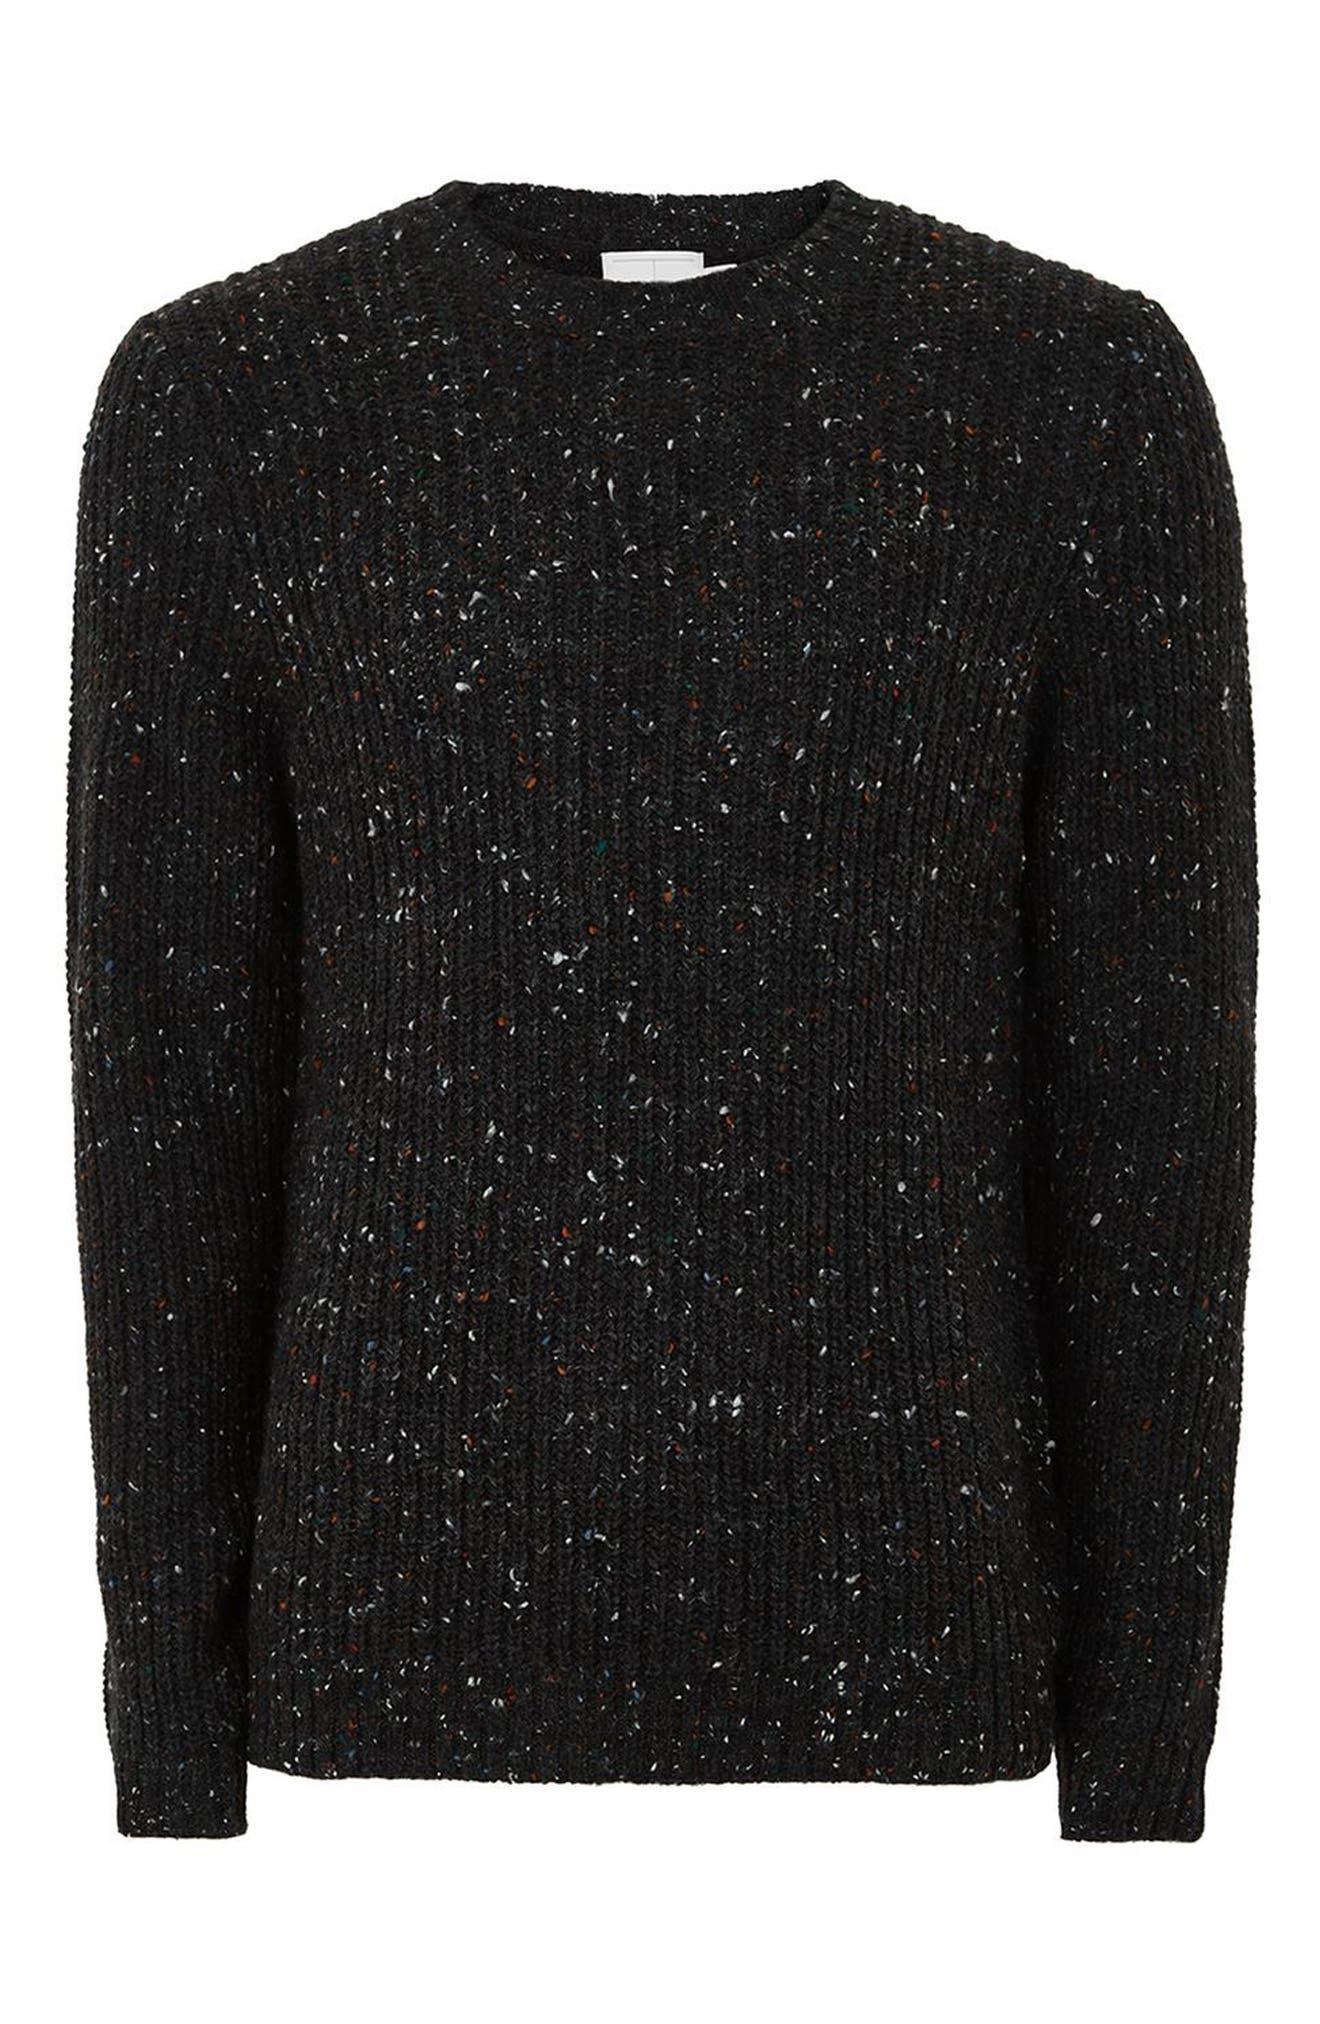 Premium Fisherman Sweater,                             Alternate thumbnail 4, color,                             021